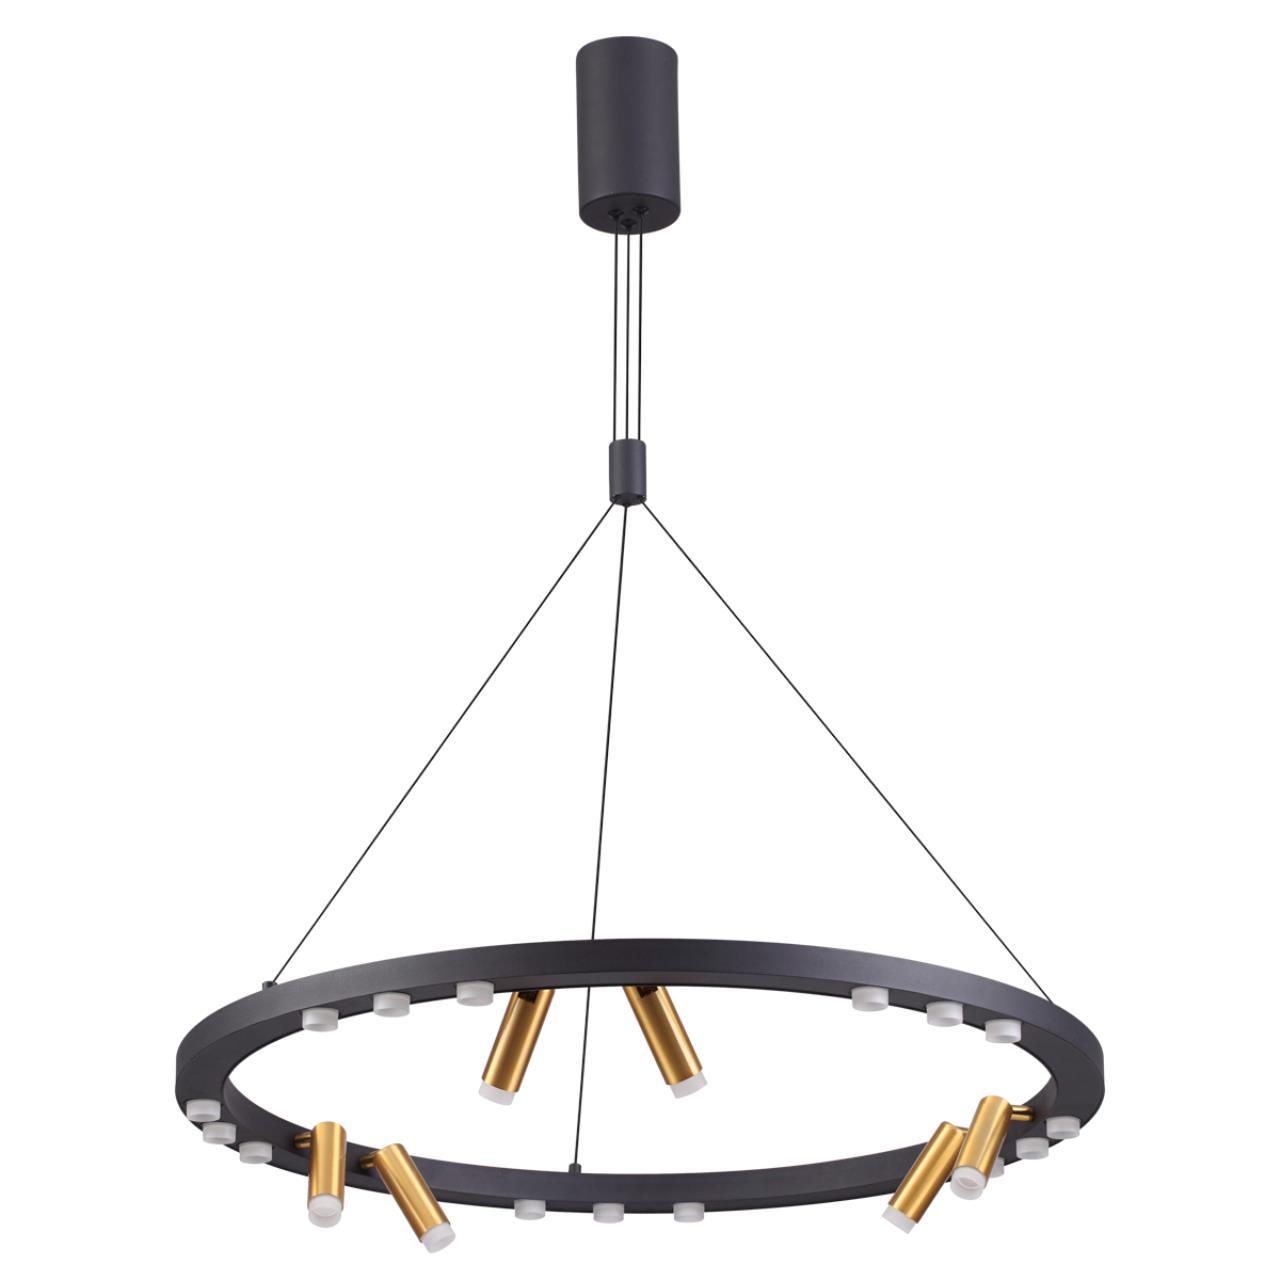 3918/63L L-VISION ODL20 38 черный/золотистый/металл Подвесной светильник LED 63W 4000K BEVEREN